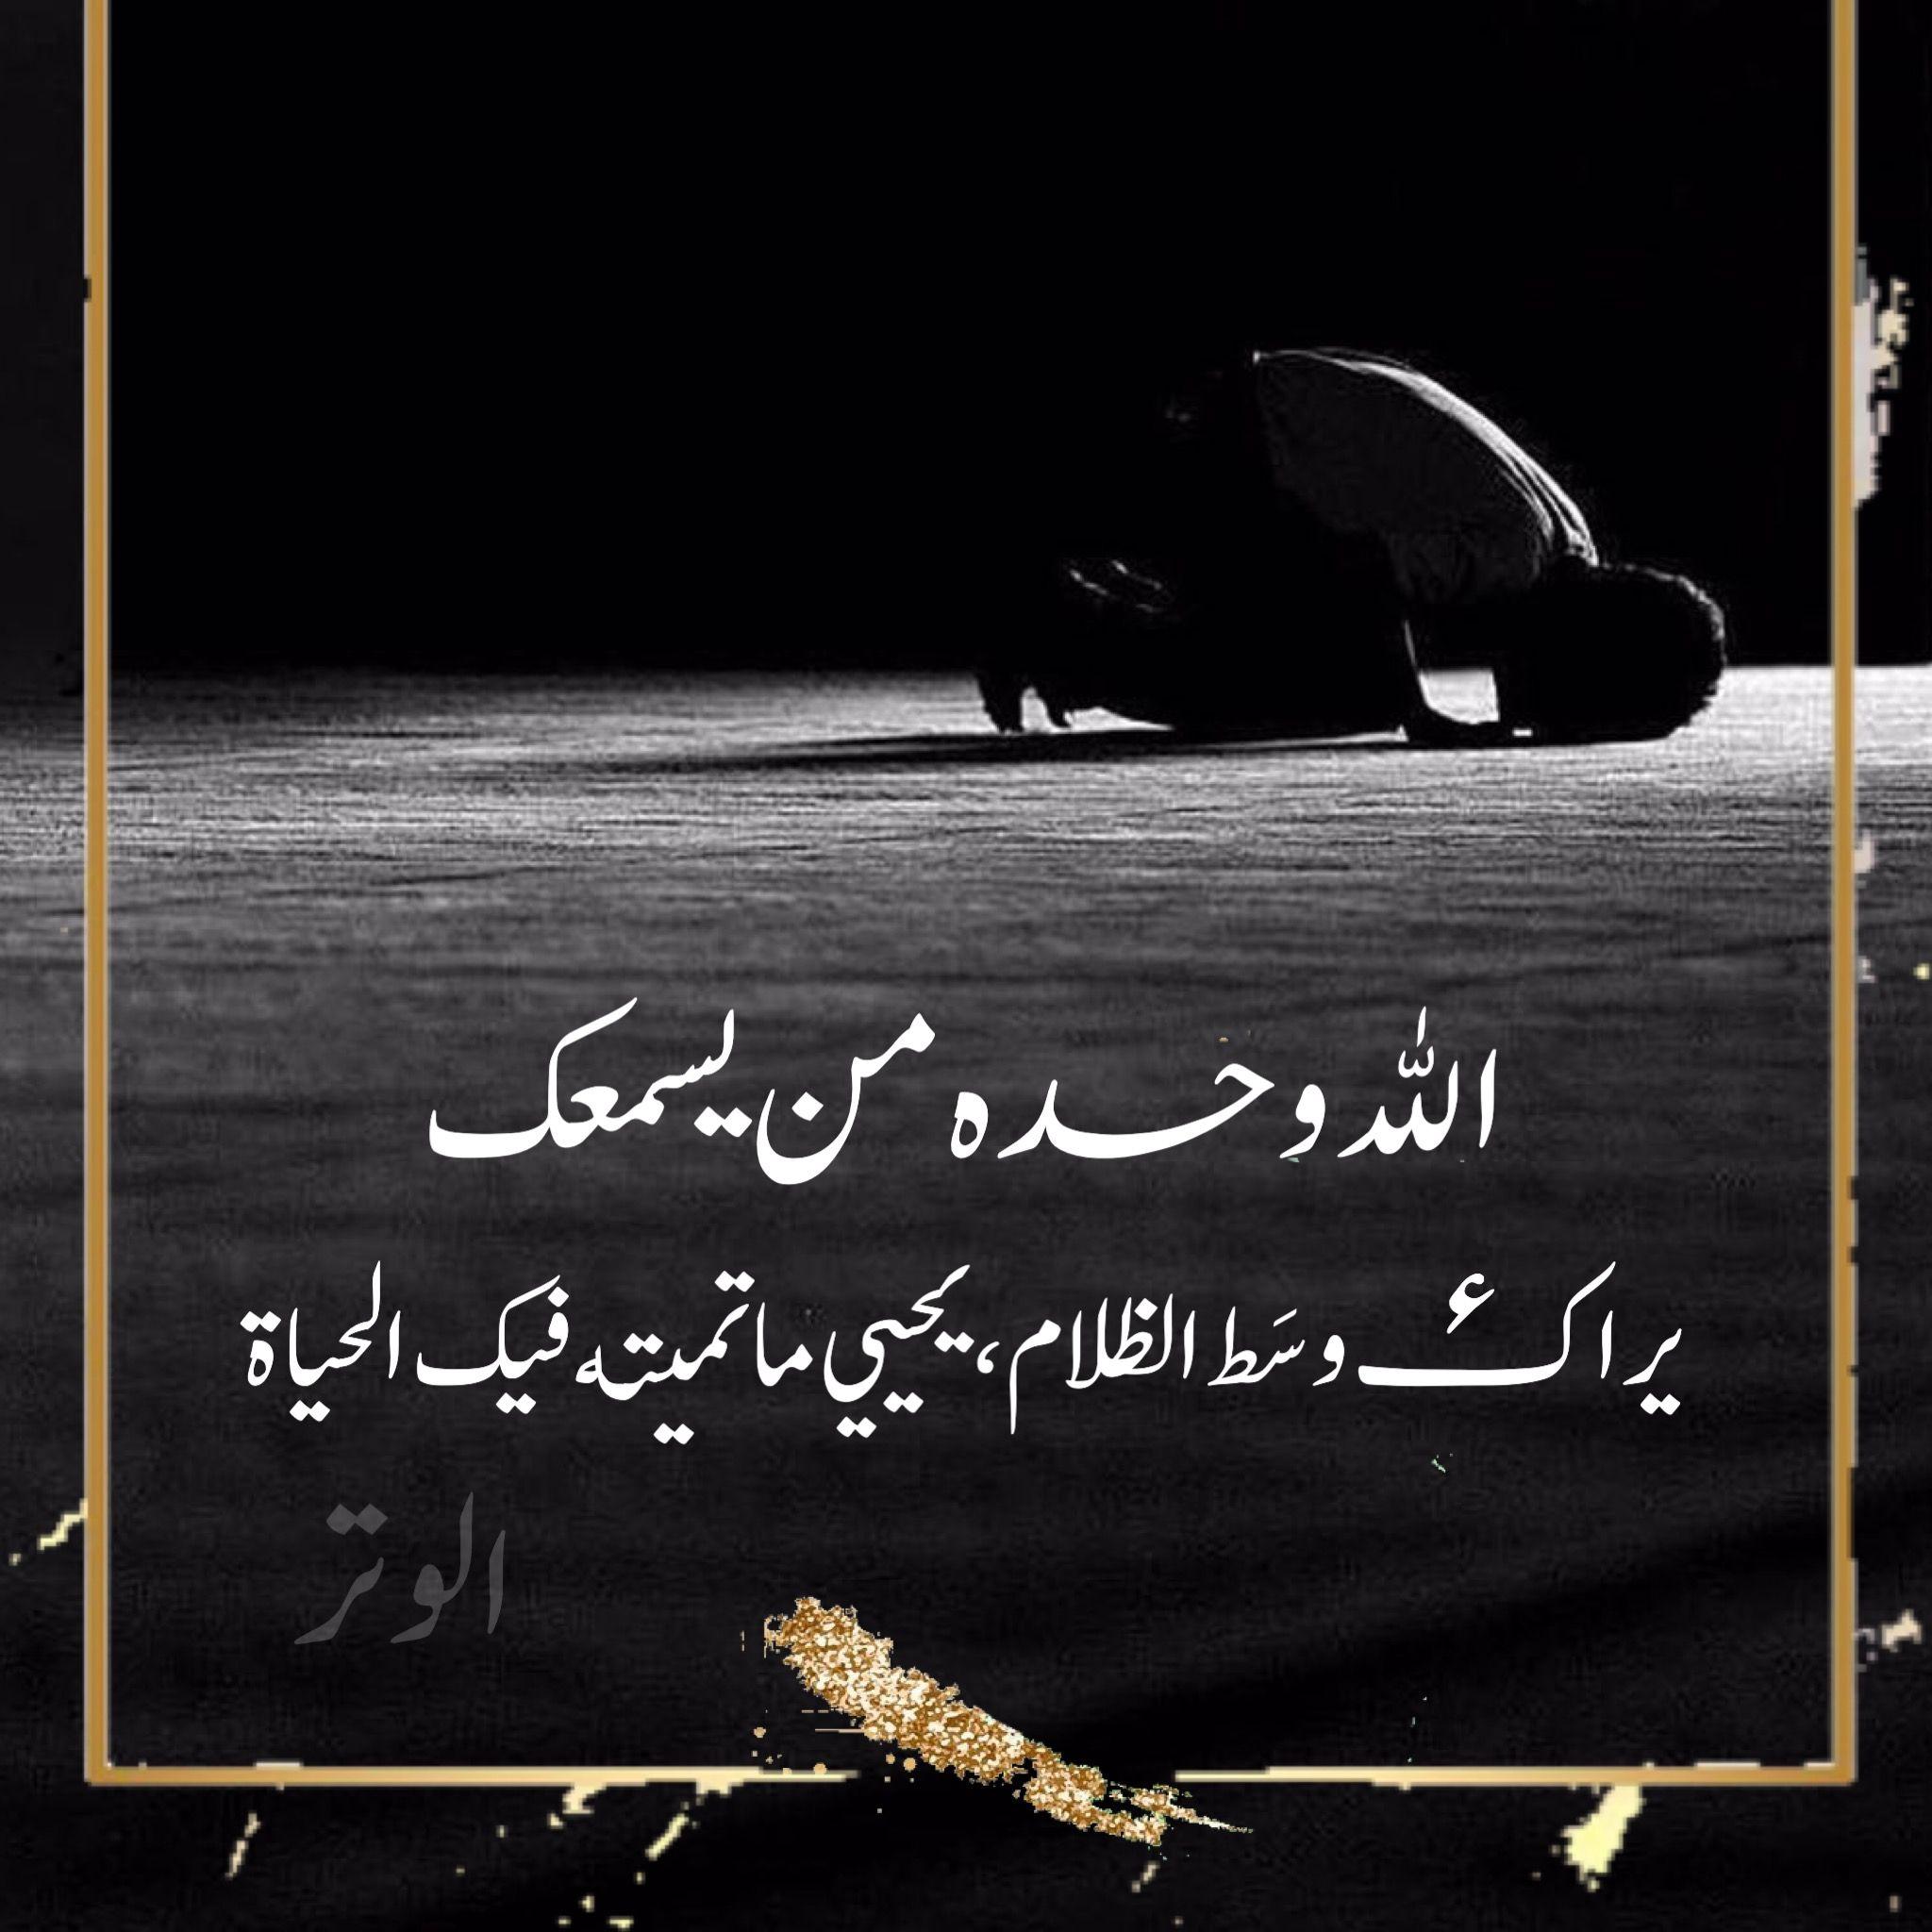 صلاة الوتر Arabic Calligraphy Islam